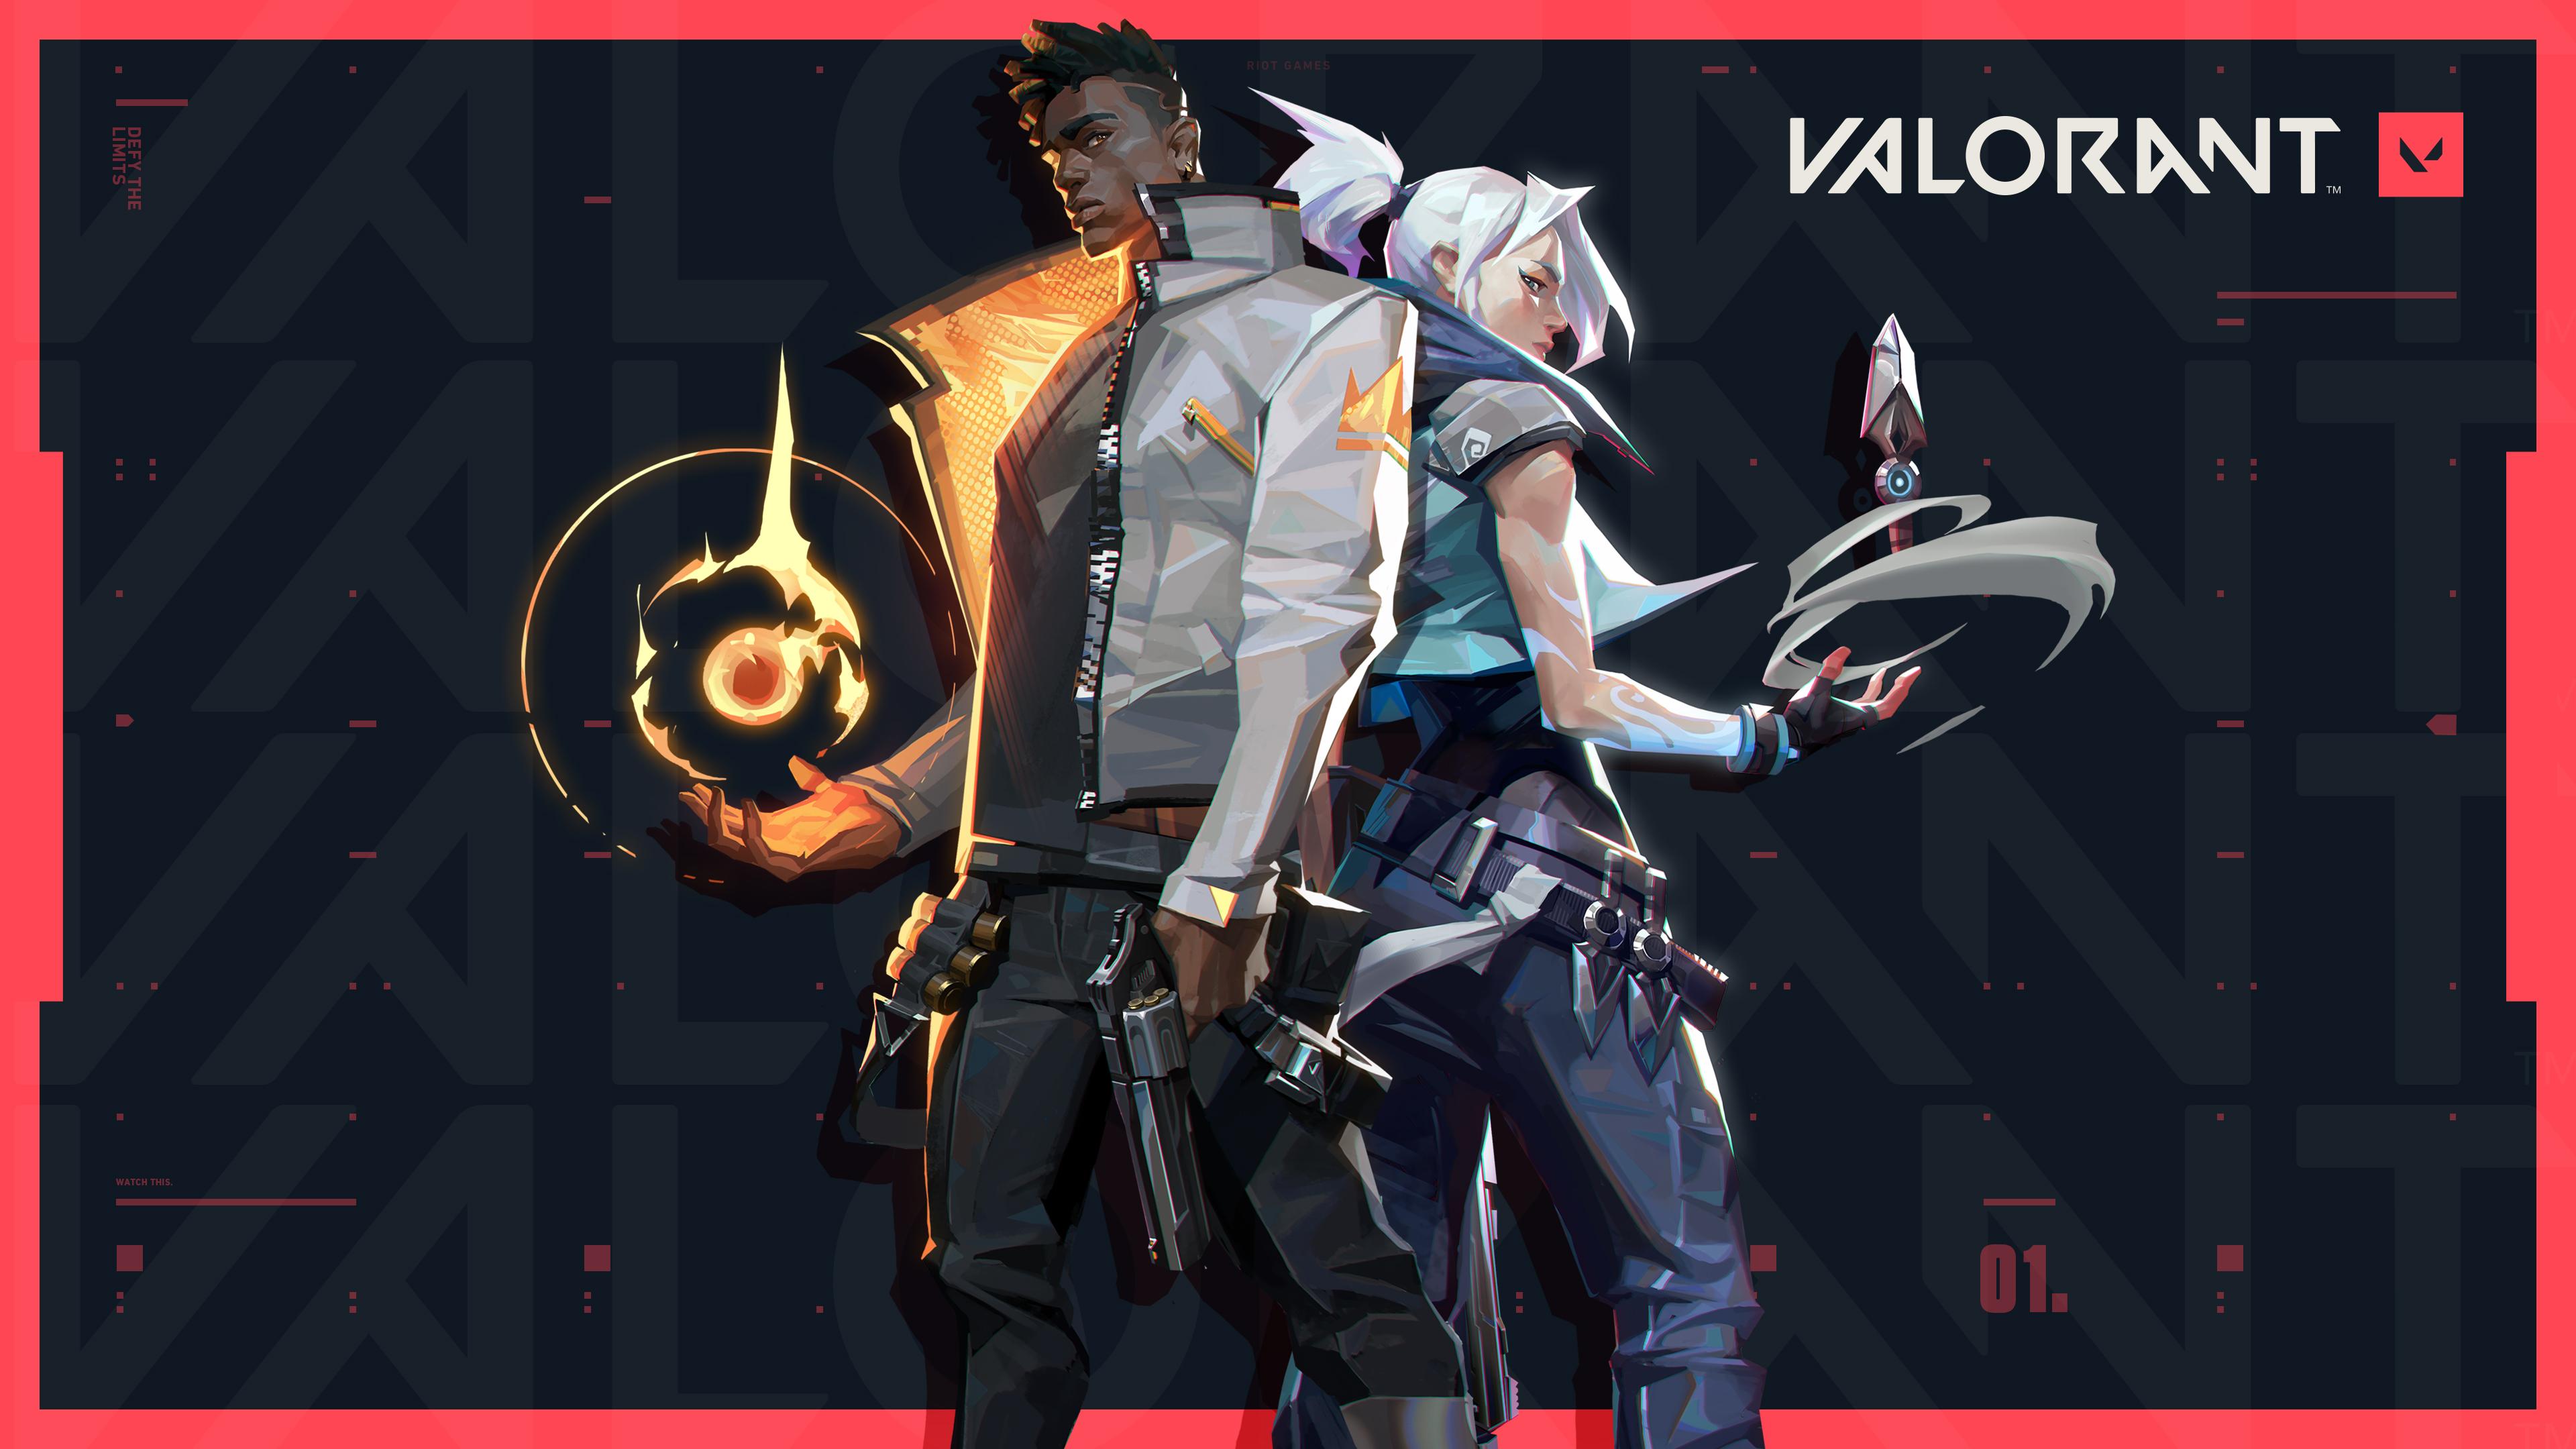 La historia de VALORANT se contará in-game al estilo de Fortnite, según Riot